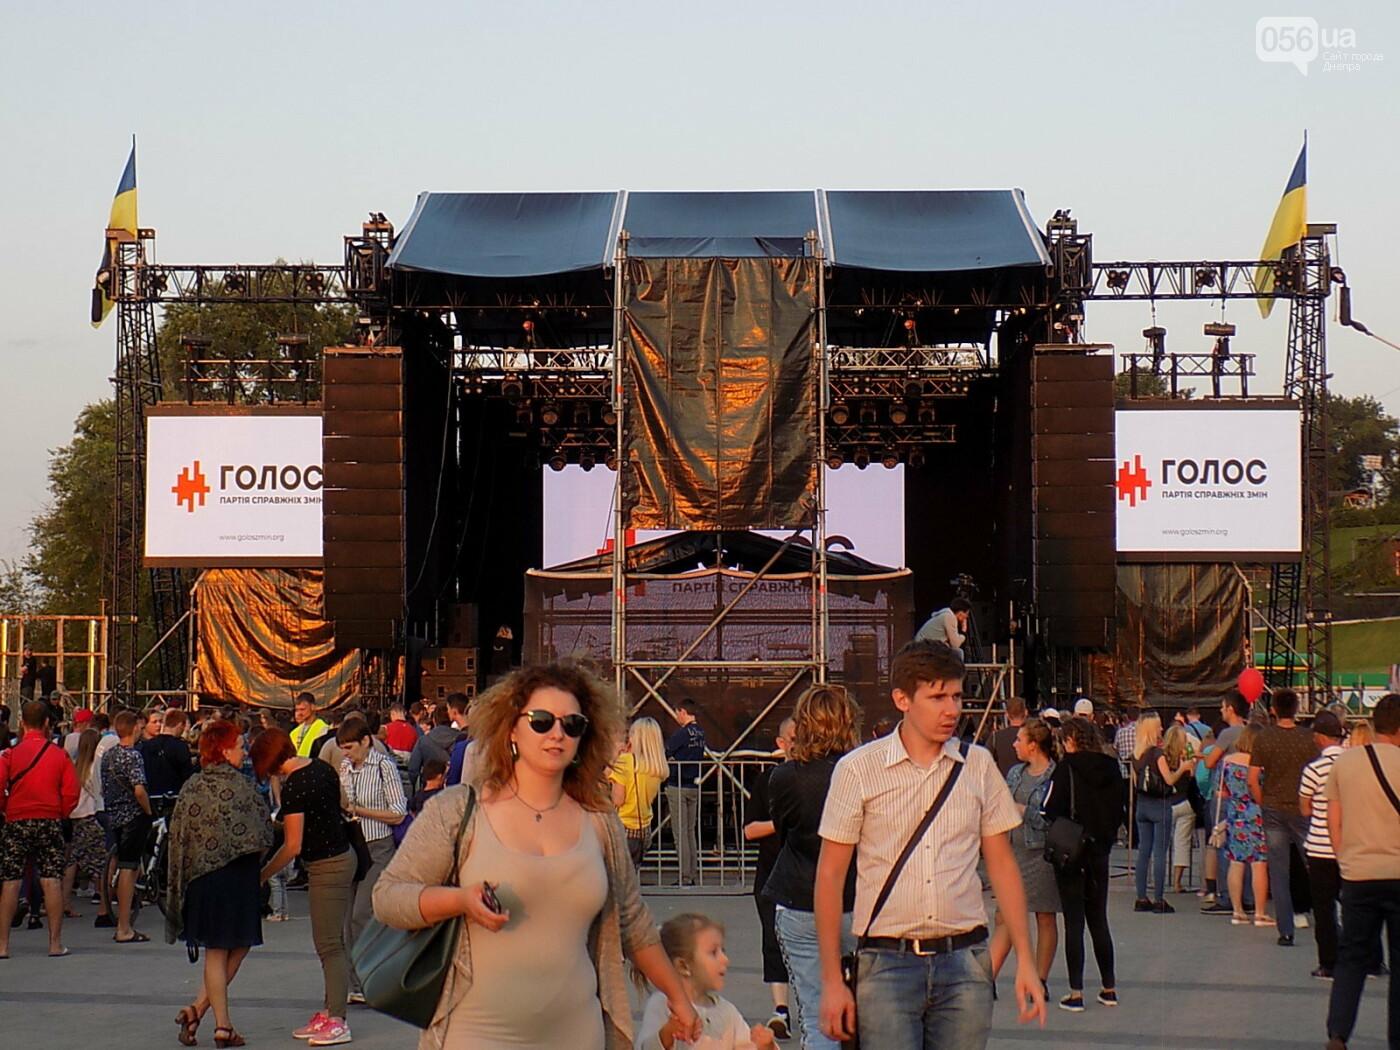 В Днепре прошел концерт группы Океан Эльзы: как это было, - ФОТО, фото-9